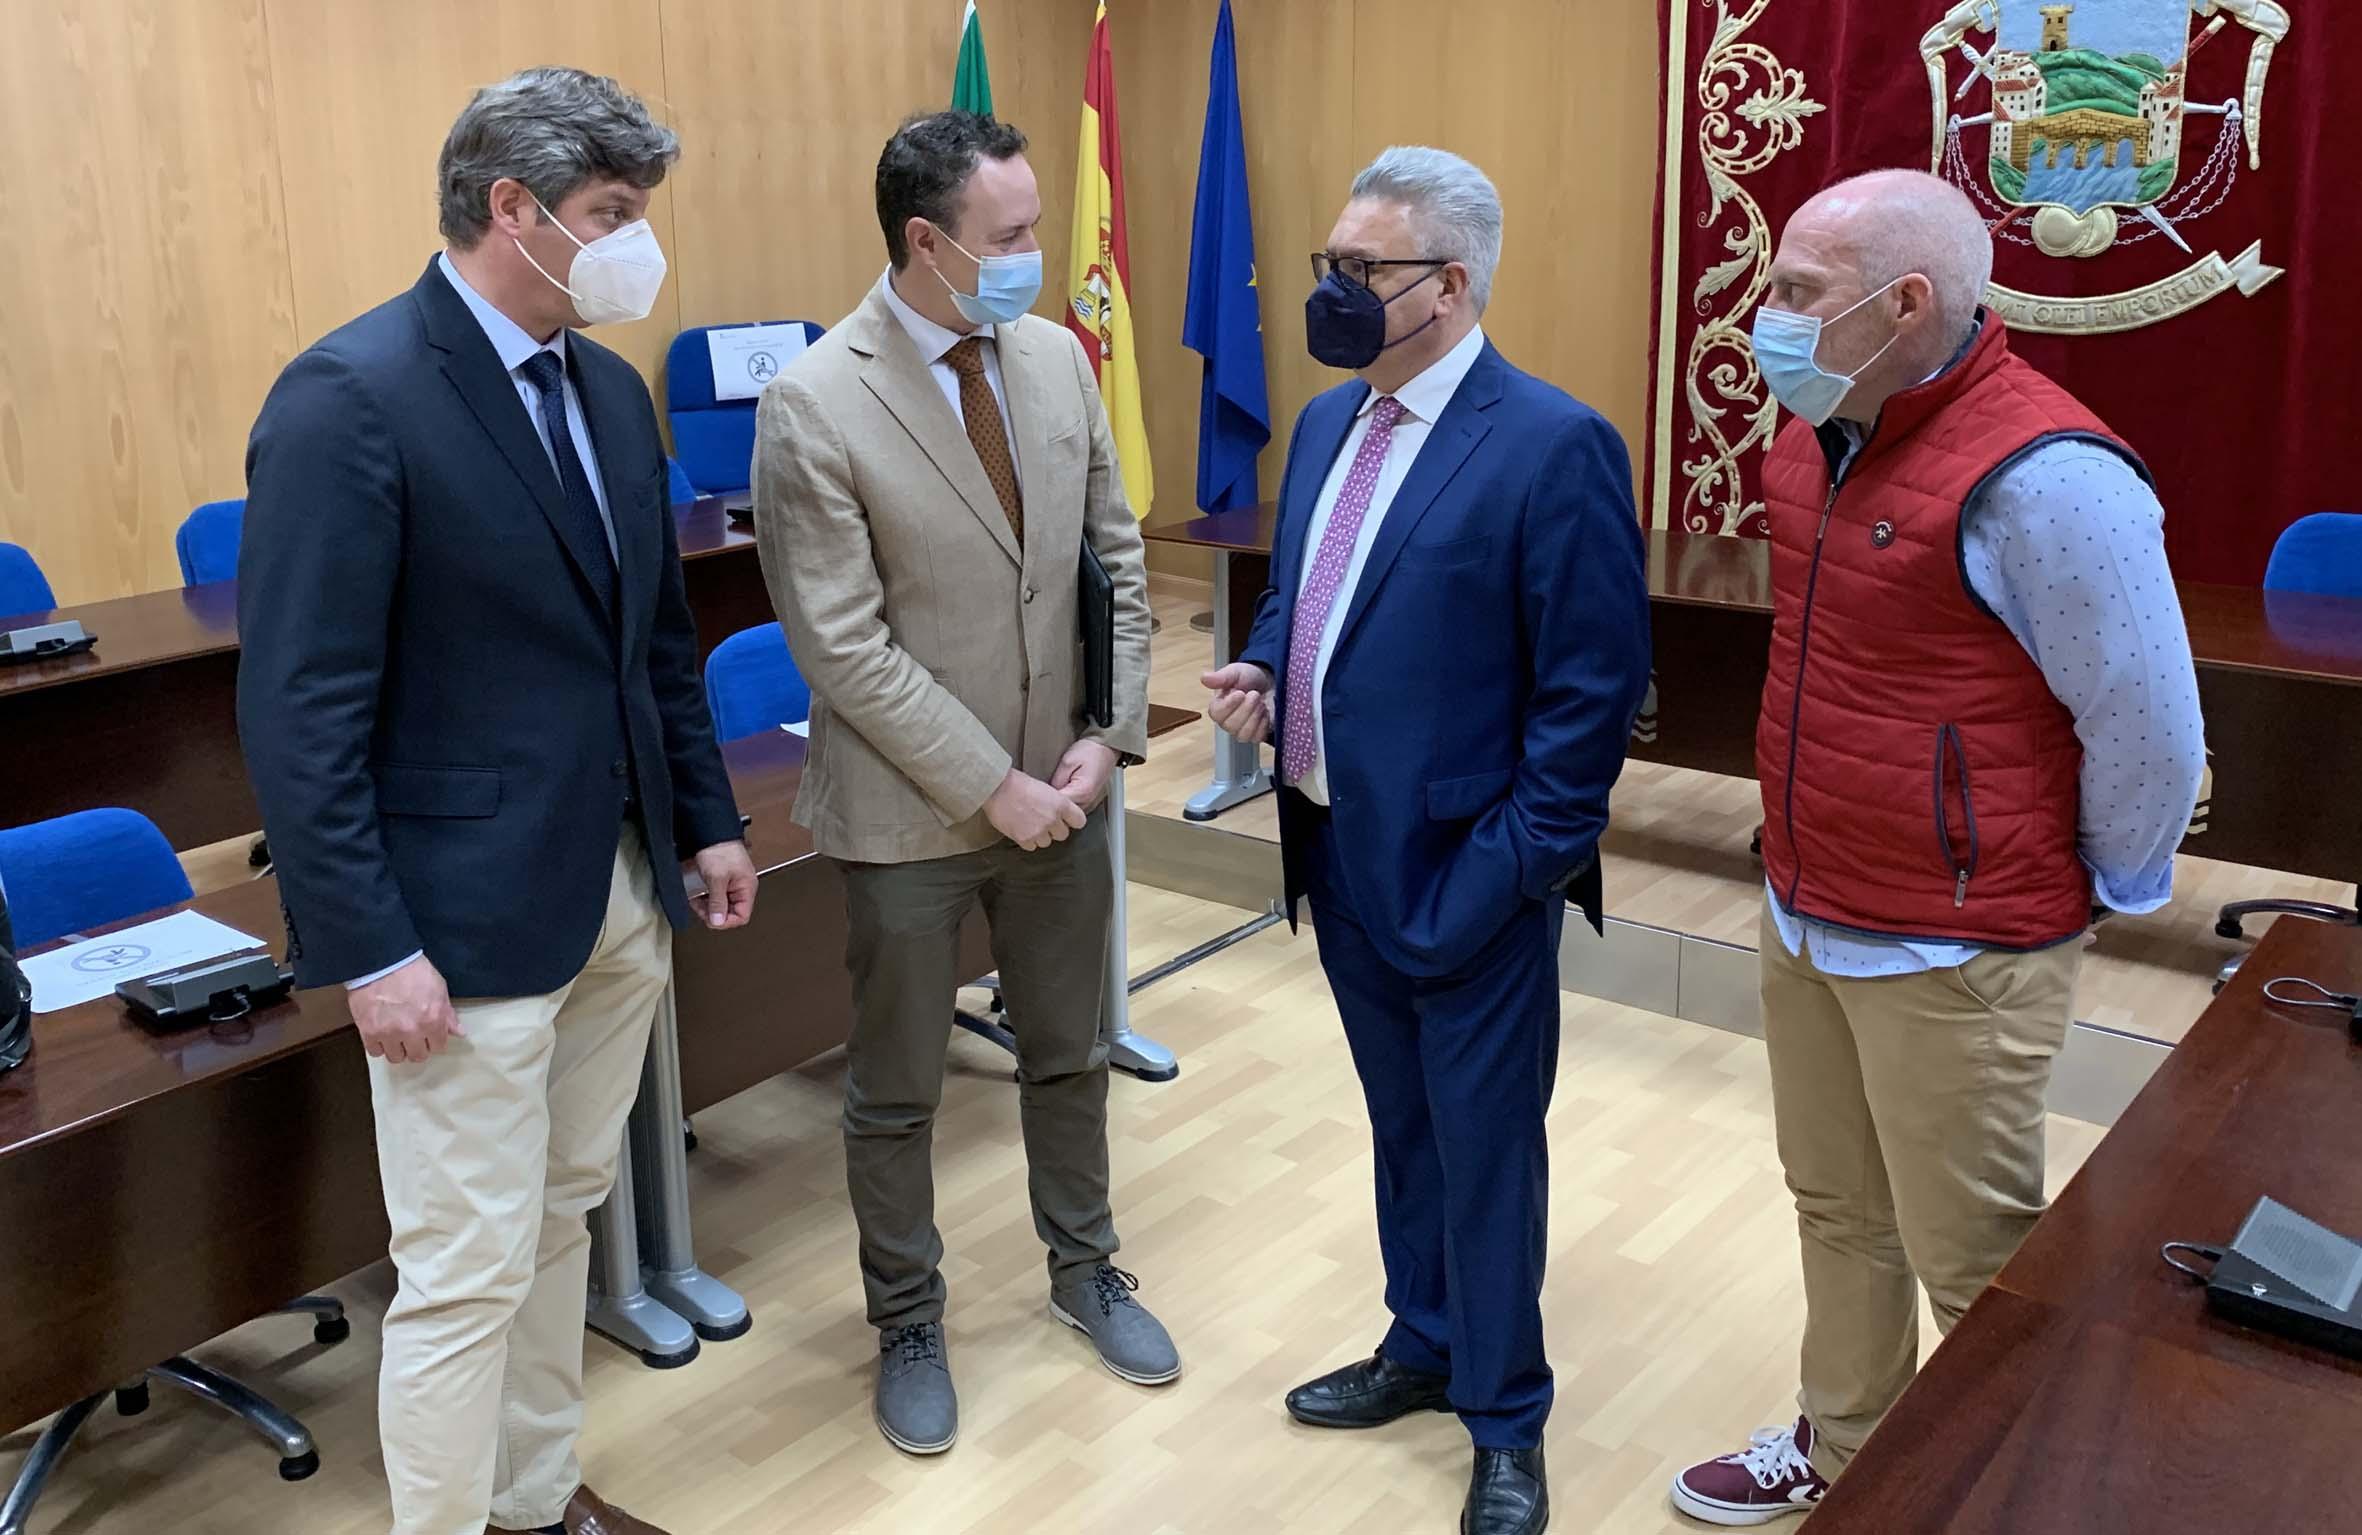 El alcalde y el delegado en el salón de Plenos